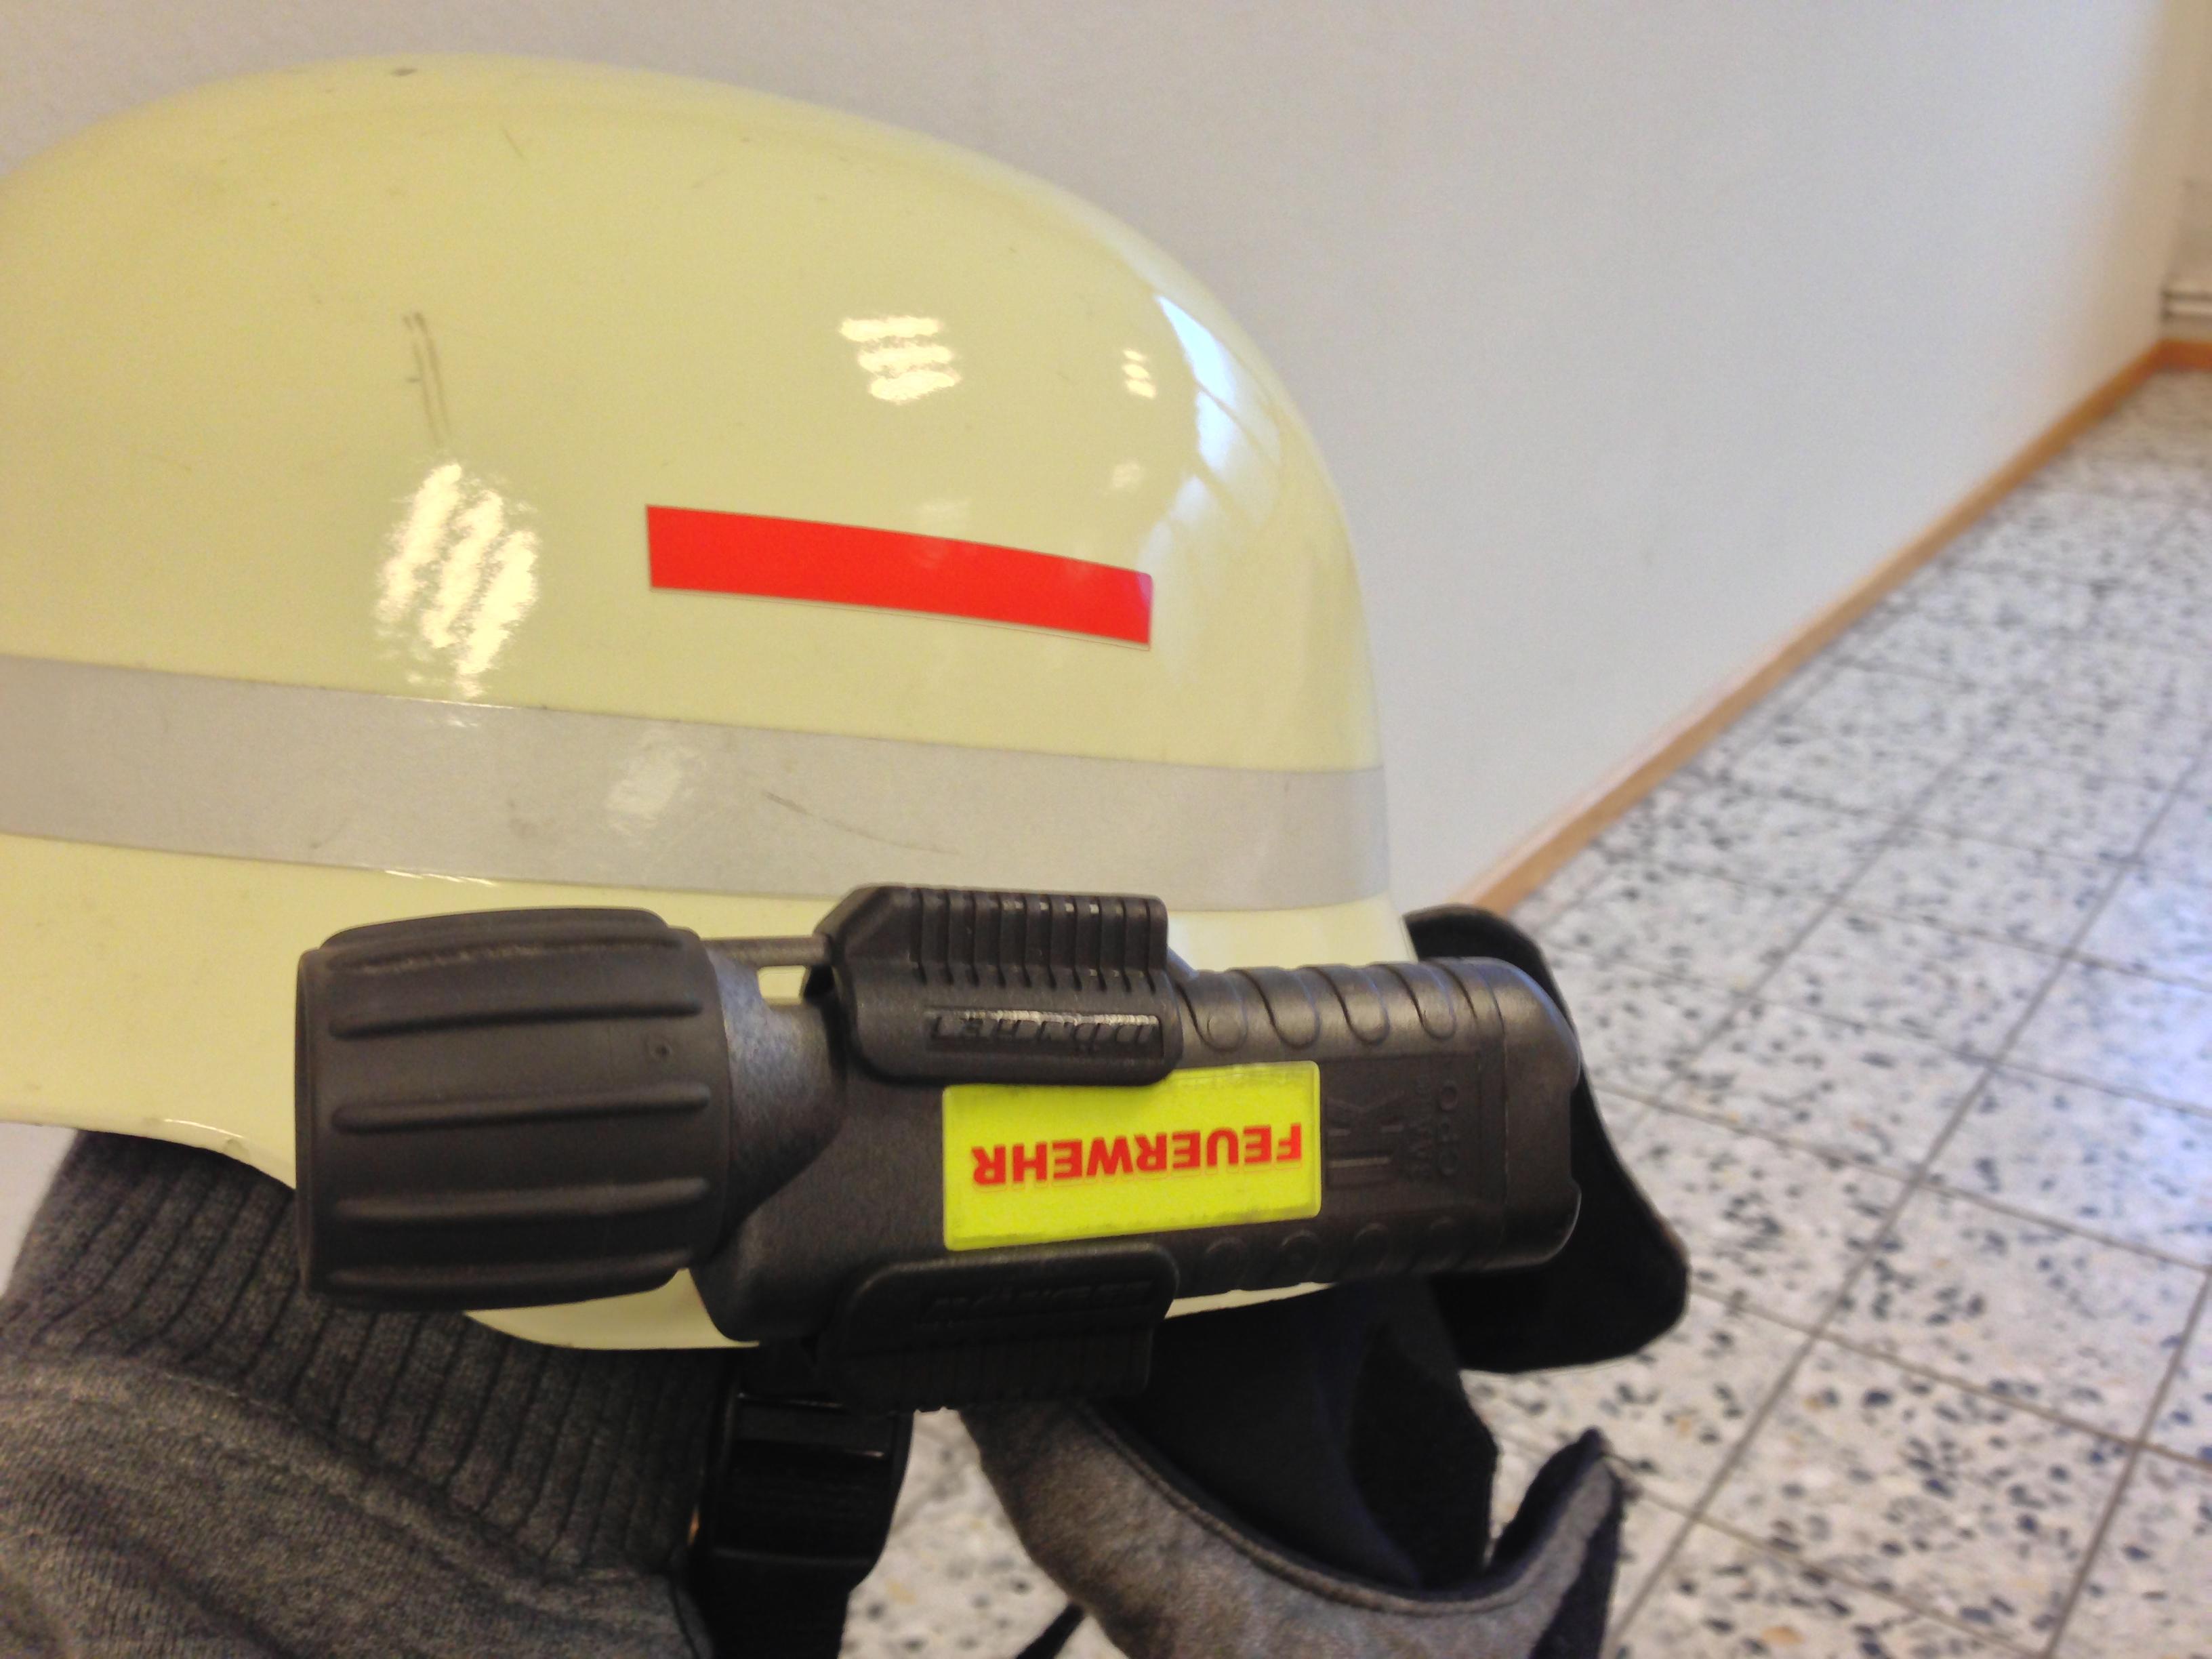 Lampenhalterung am Helm ohne Visier